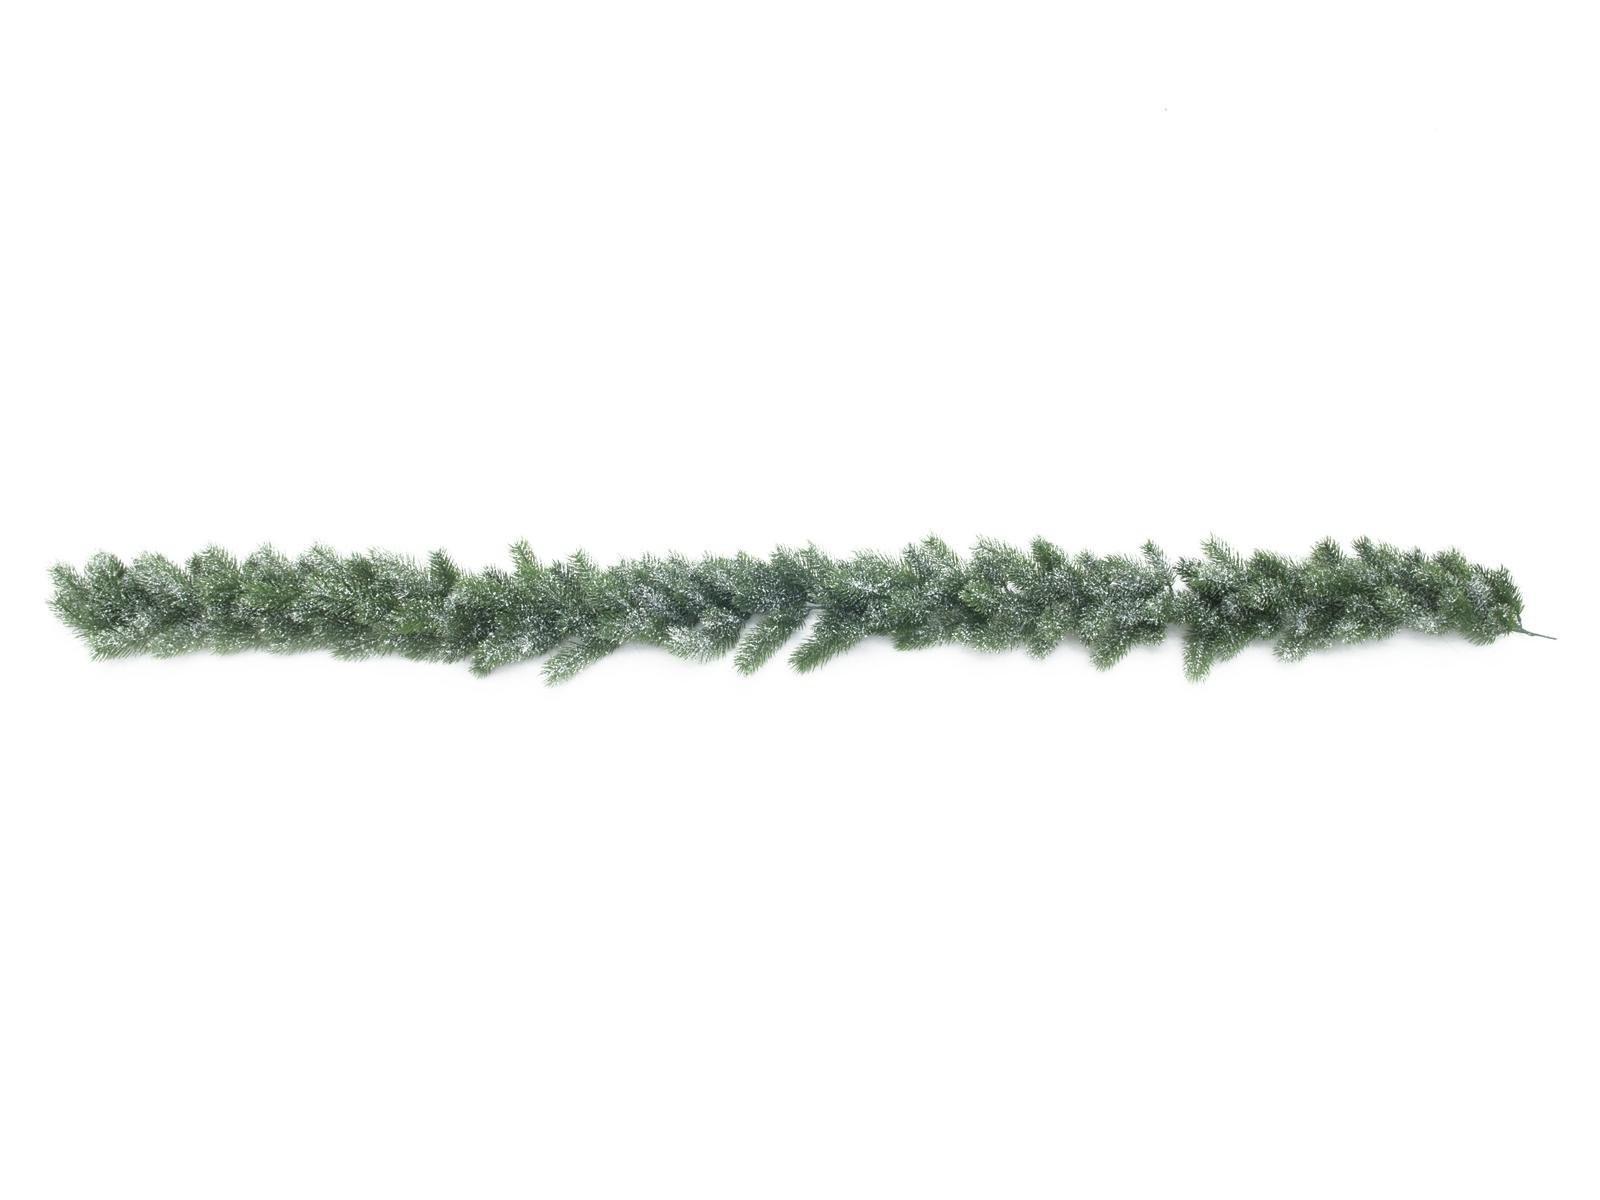 Spar guirlande met sneeuw (PE), 180cm